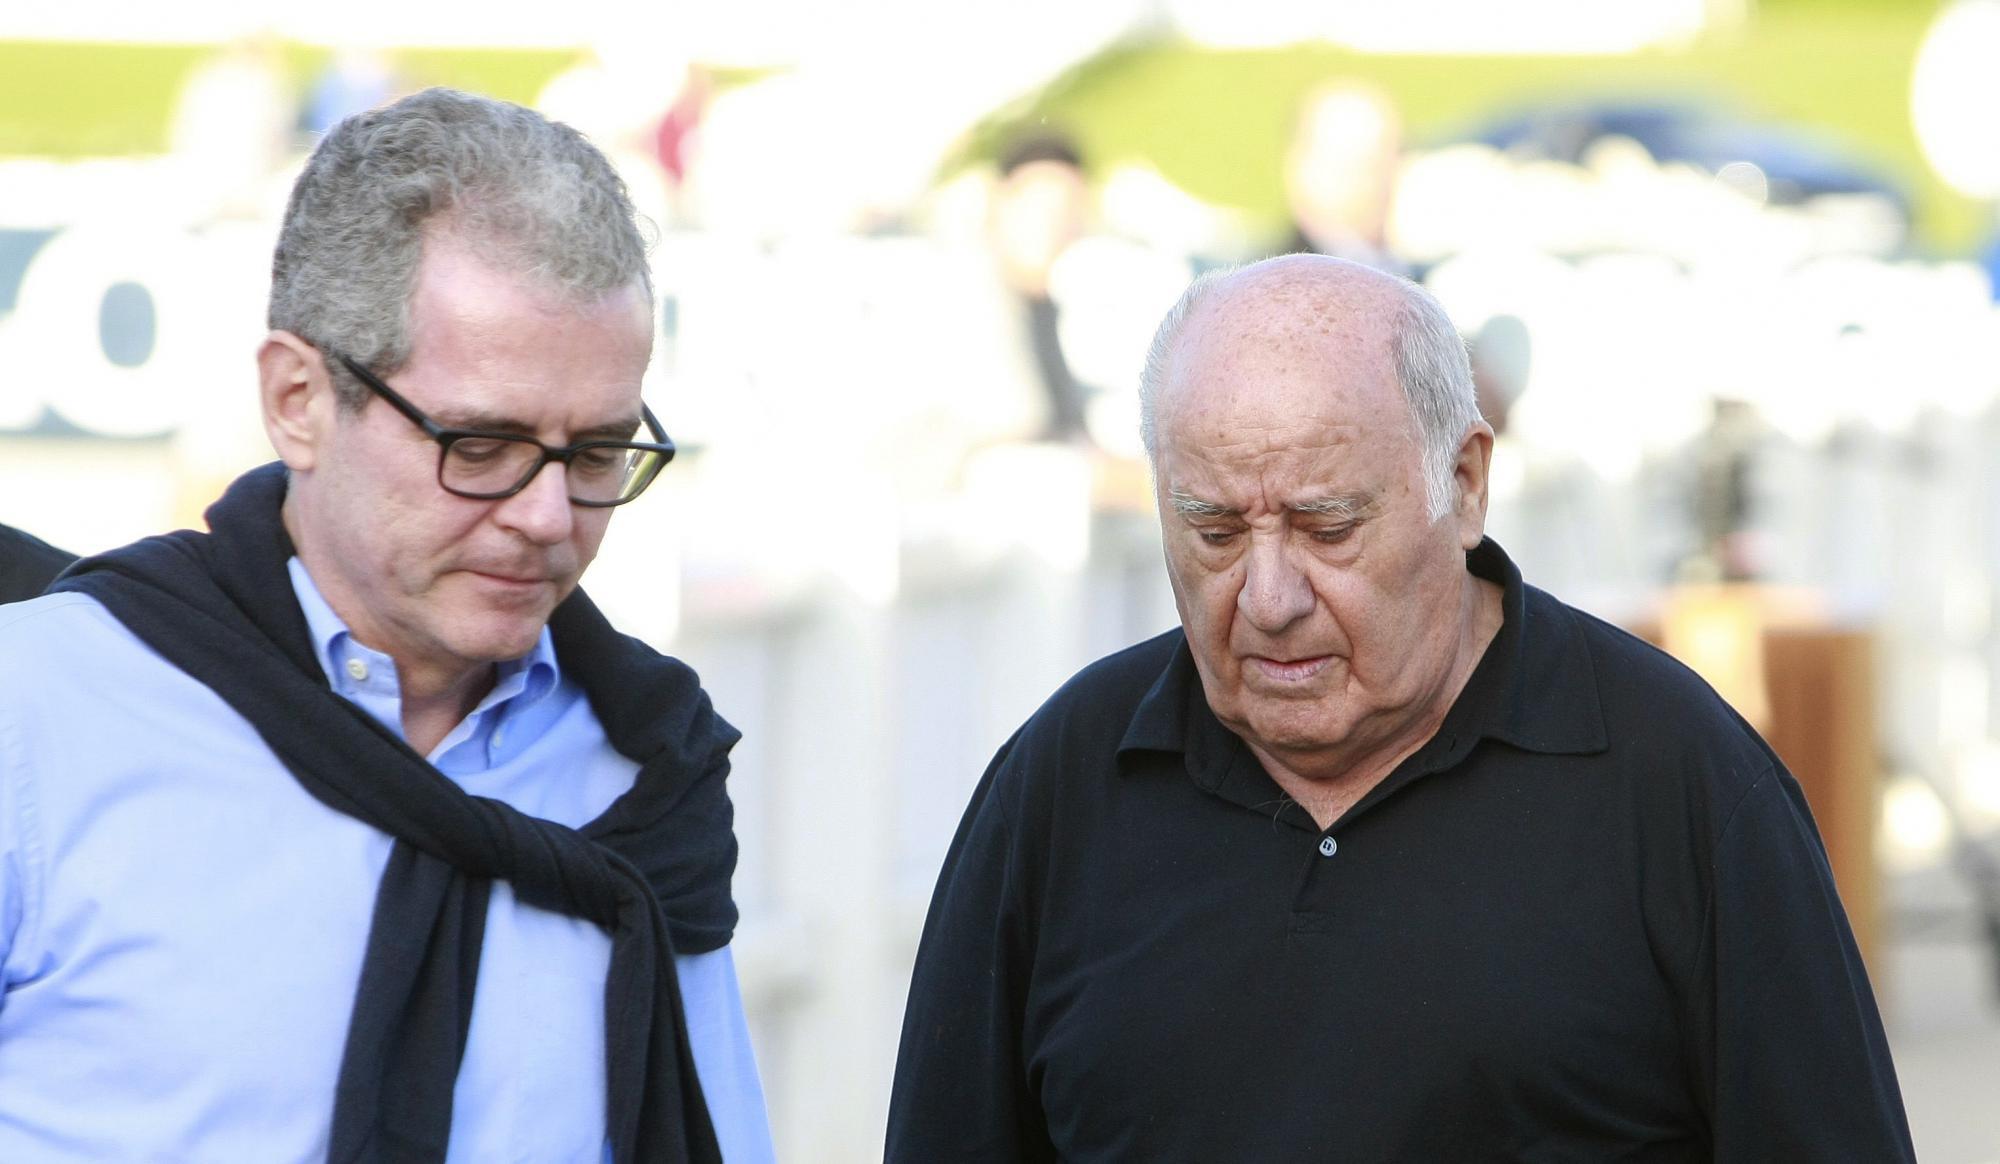 Amancio Ortega entregó la presidencia de Inditex a Pablo Isla en 2011 / EFE: Cabalar